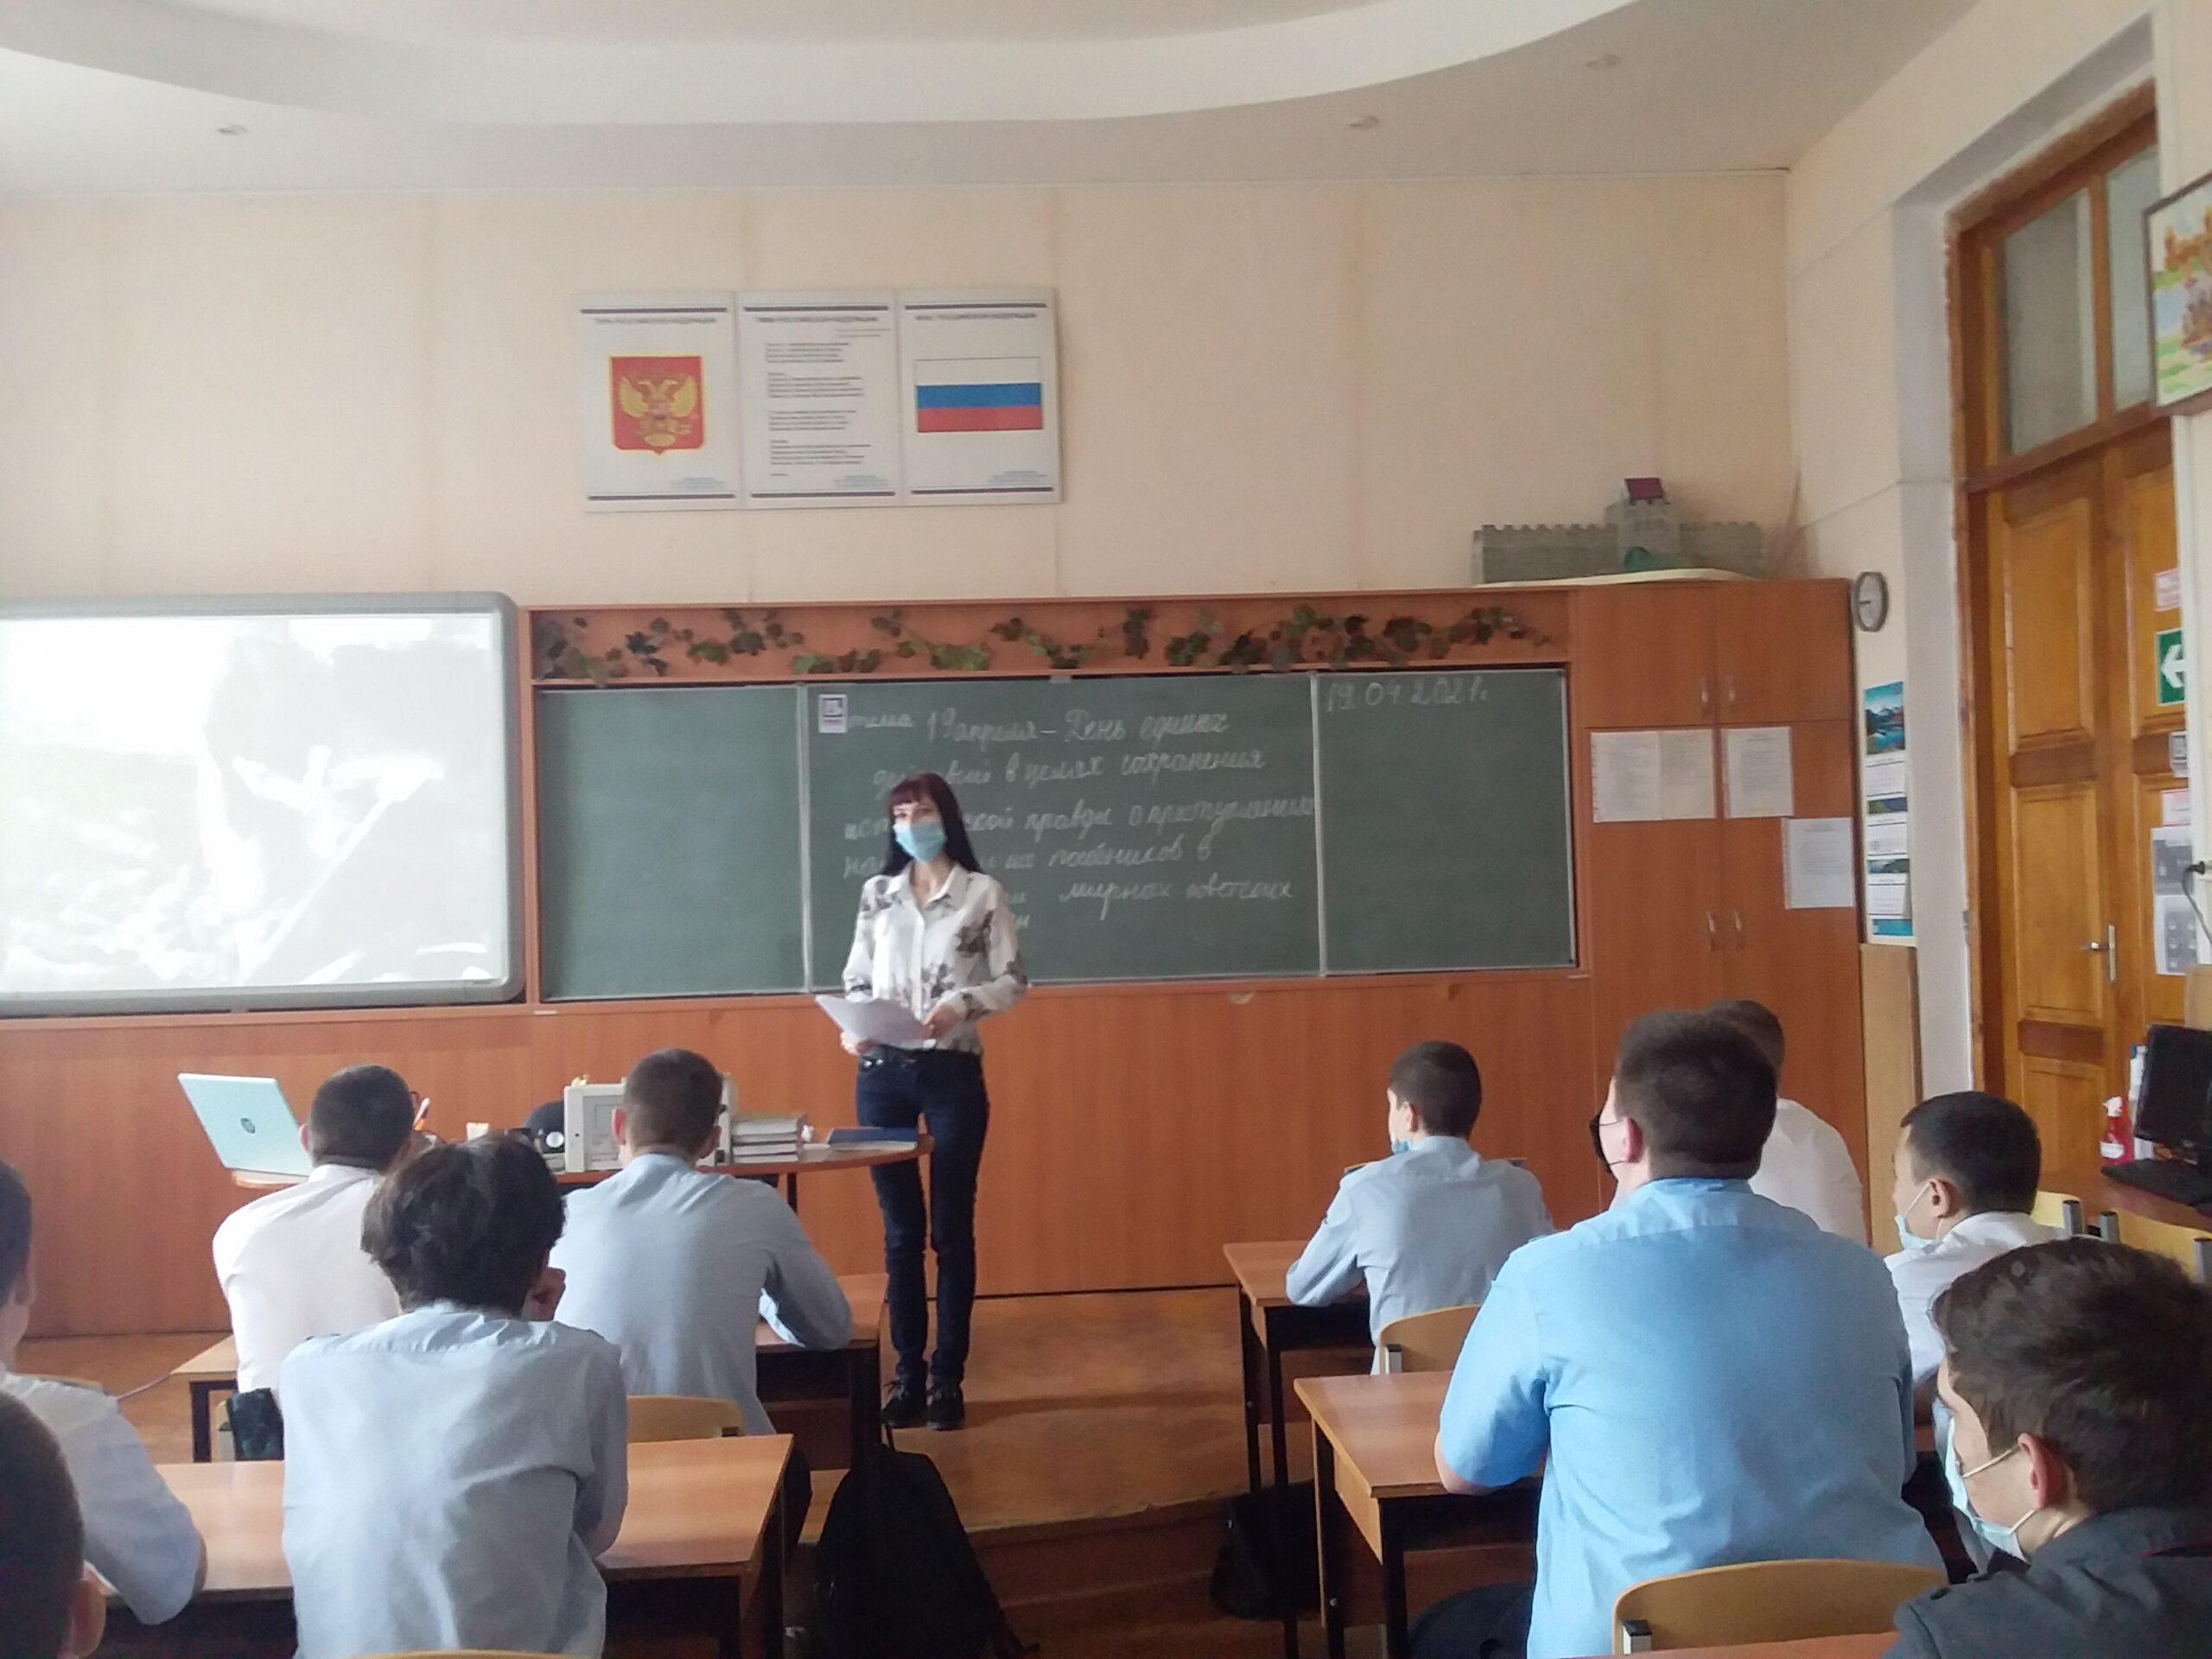 День единых действий,  в целях сохранения исторической правды о преступлениях нацистов и их пособников в отношении мирных советских граждан